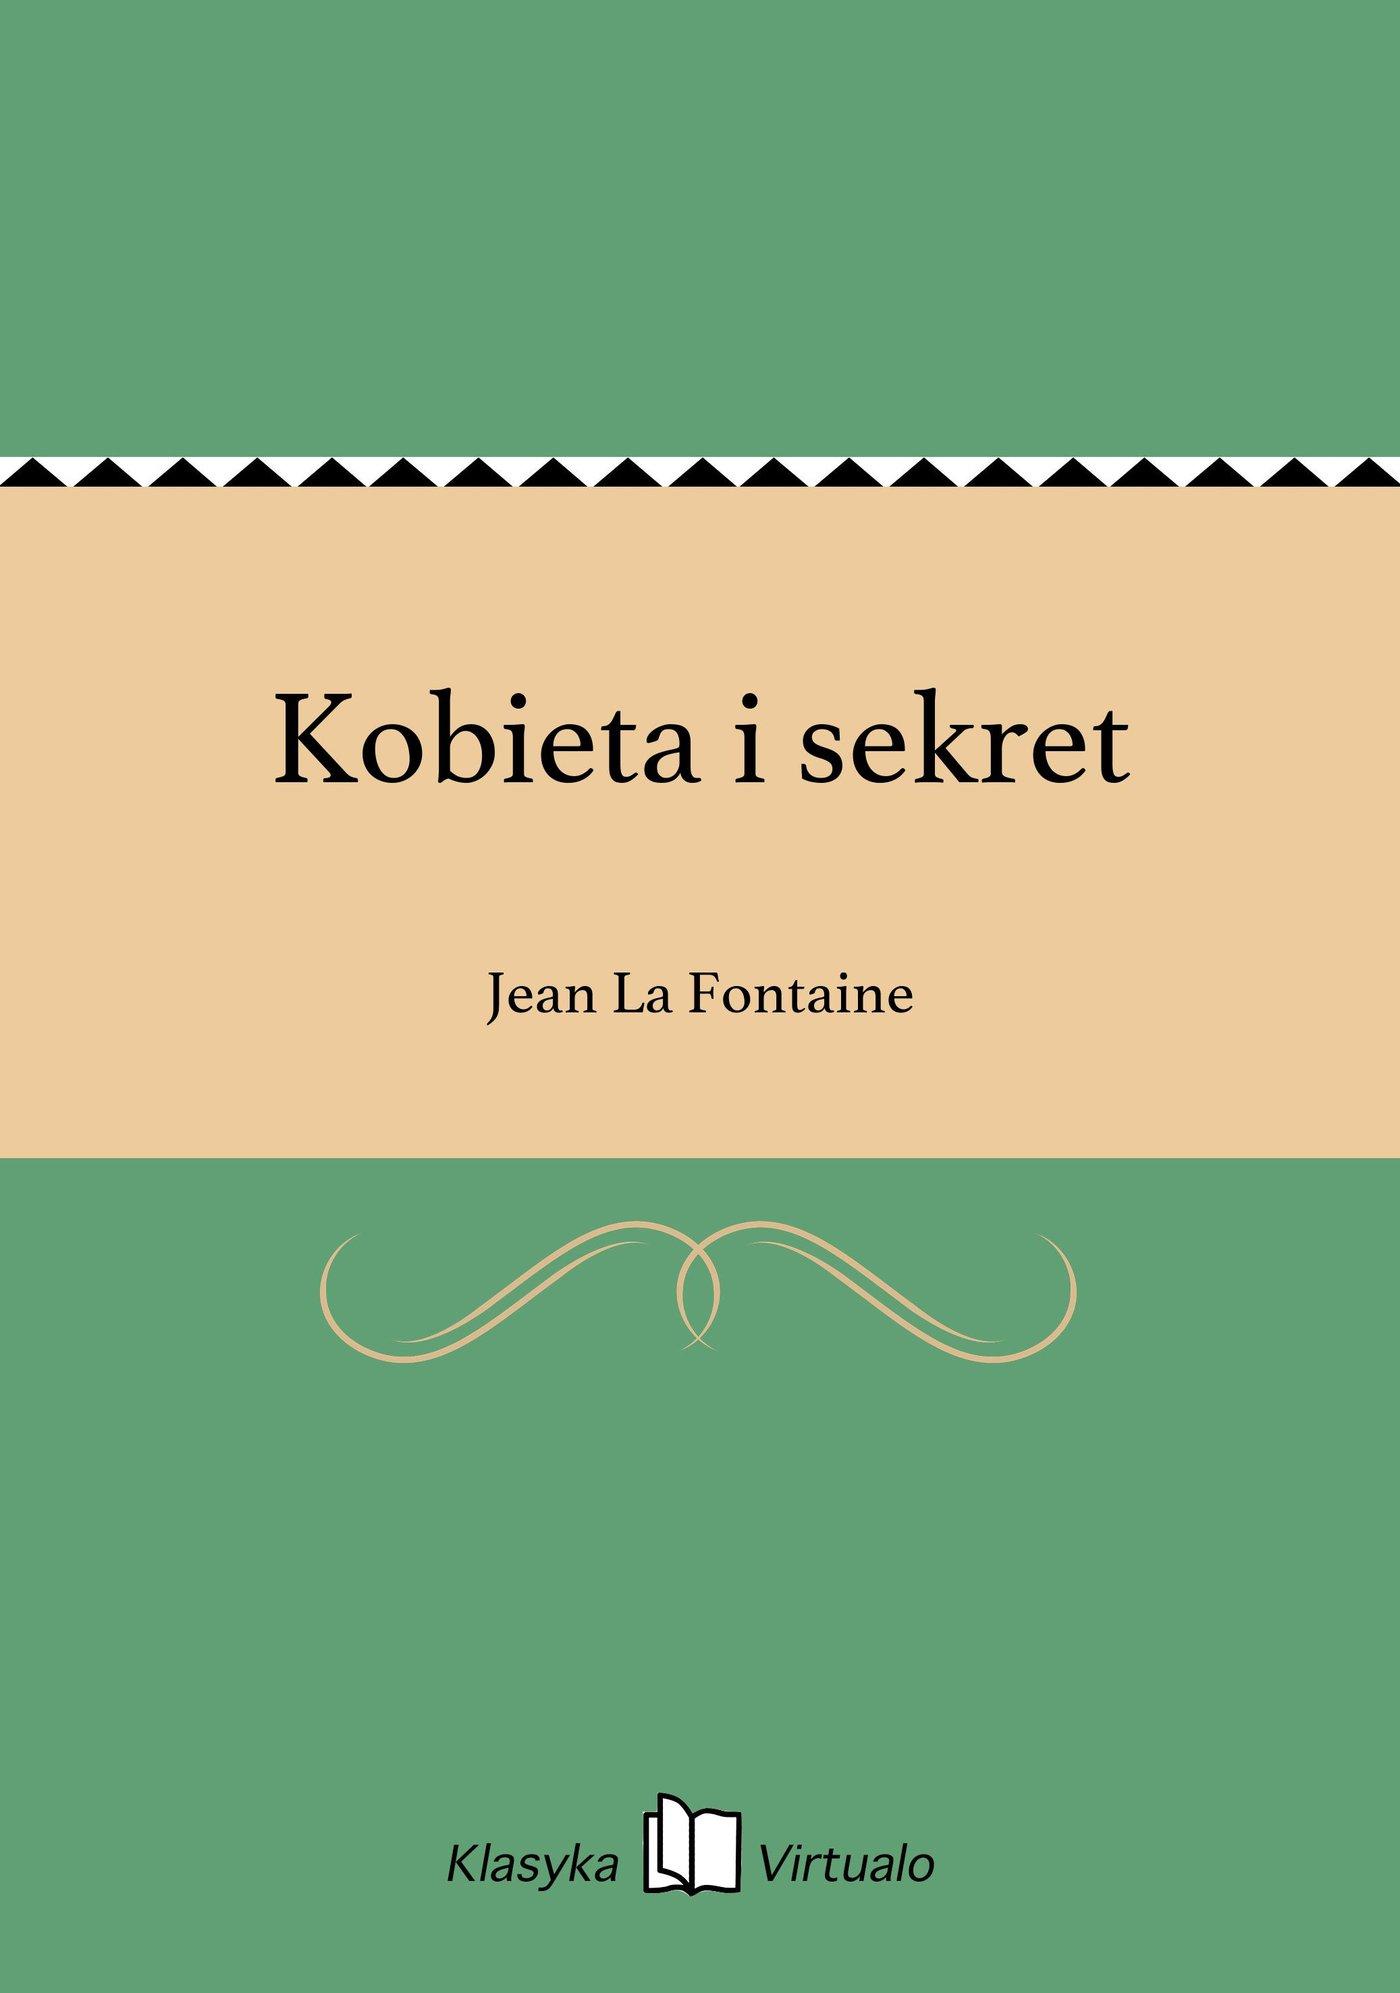 Kobieta i sekret - Ebook (Książka na Kindle) do pobrania w formacie MOBI